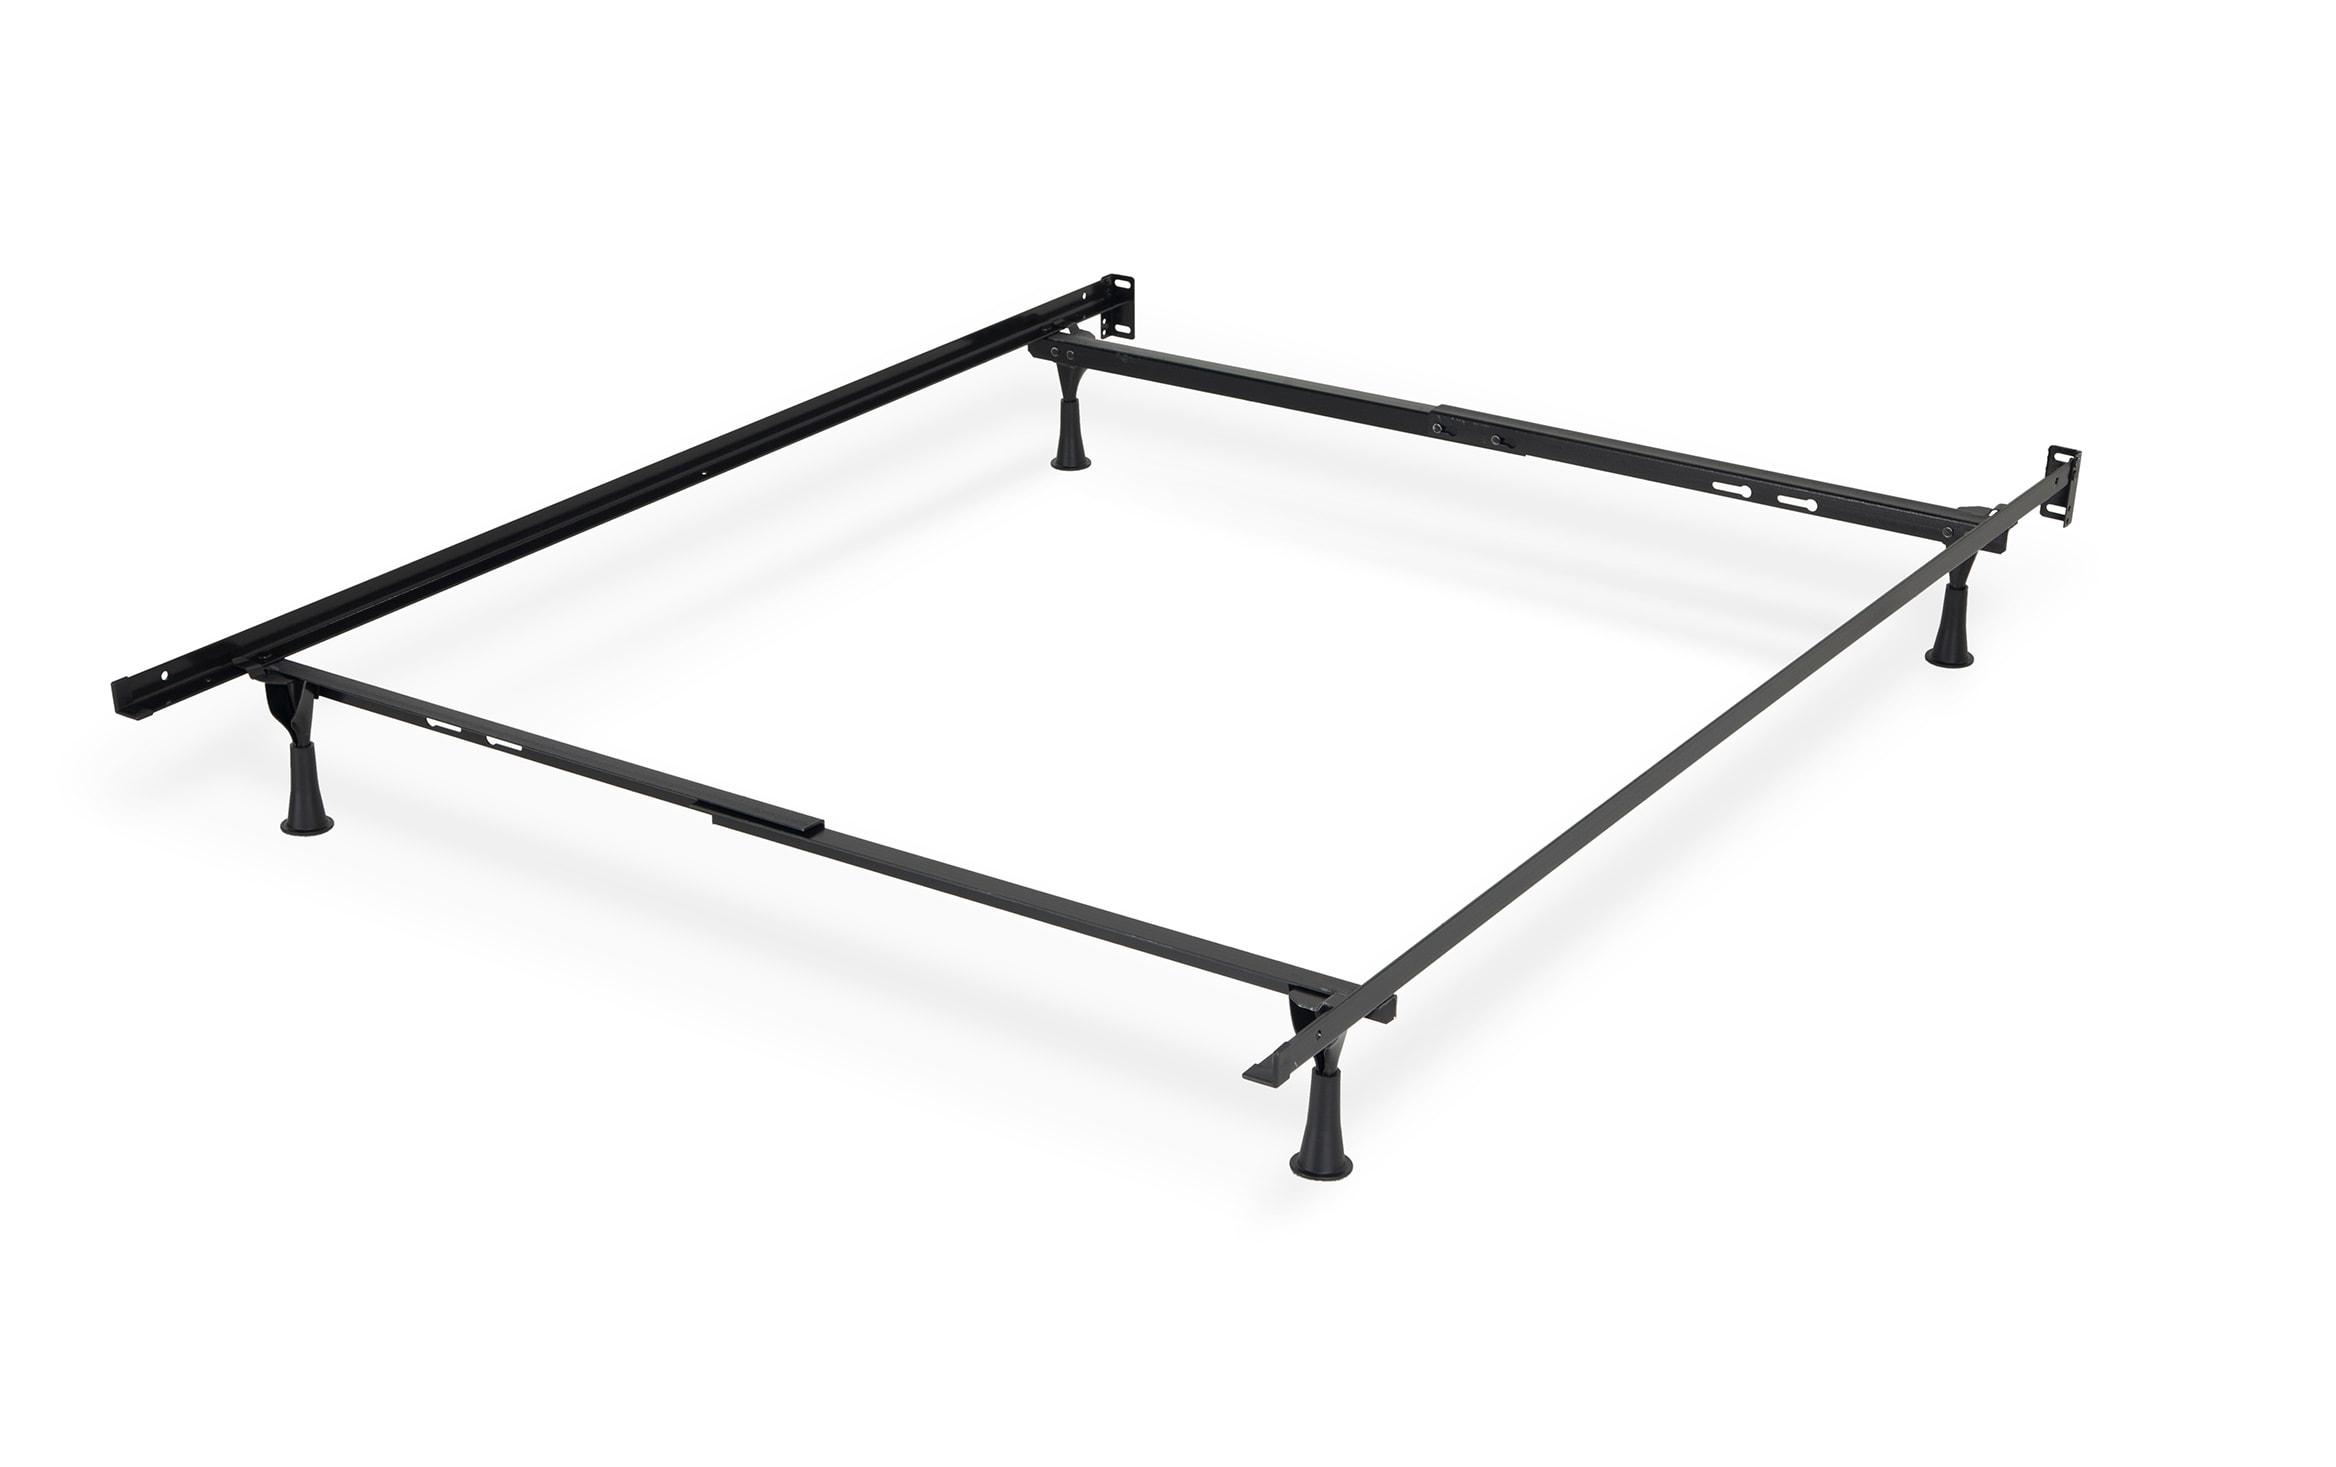 Diy Bathroom Shelf Ideas, Twin Full Bed Frame Bobs Com